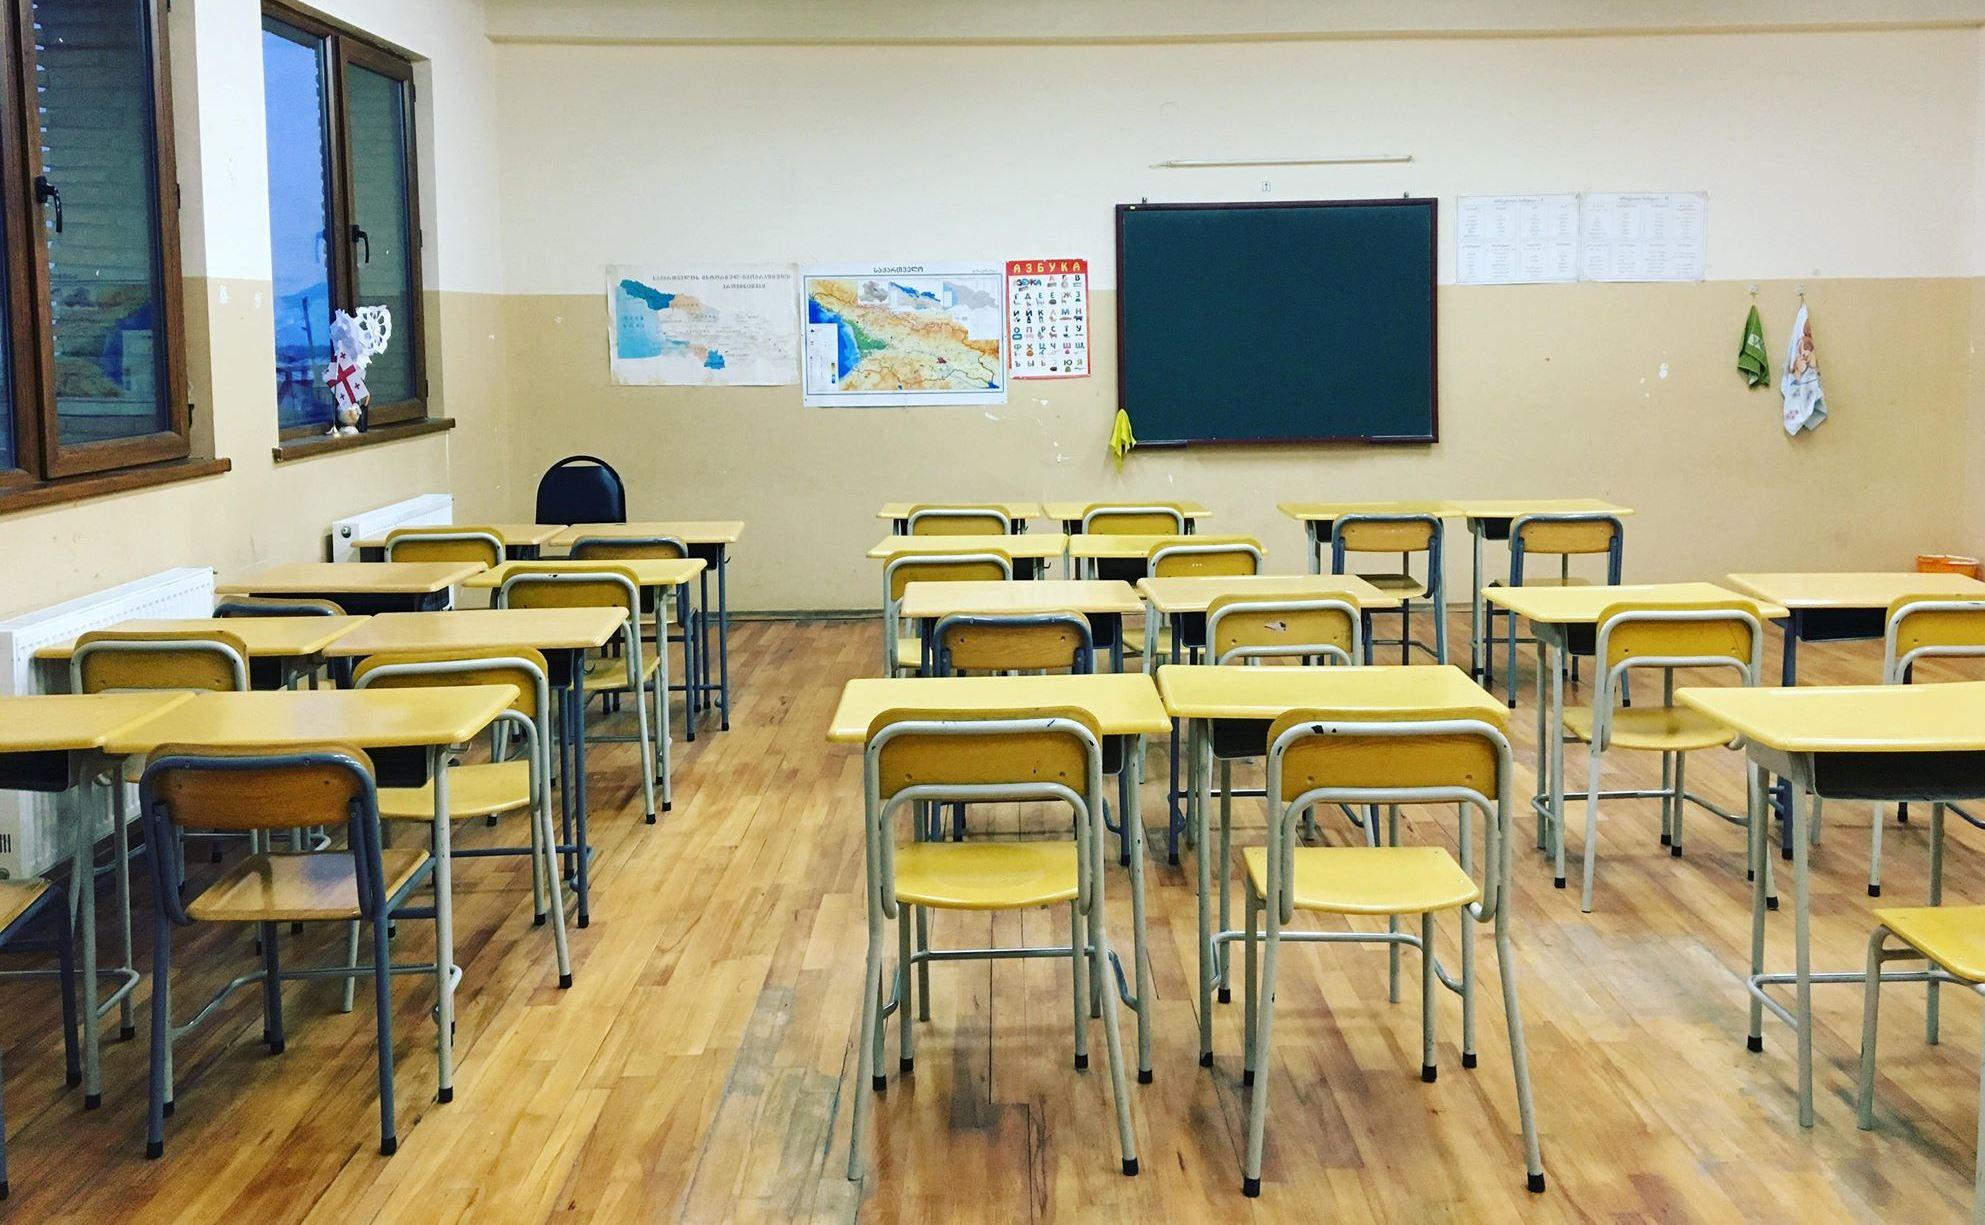 სკოლები, სადაც საარჩევნო უბნებია გახსნილი, სწავლების დისტანციურ რეჟიმზე გადავლენ